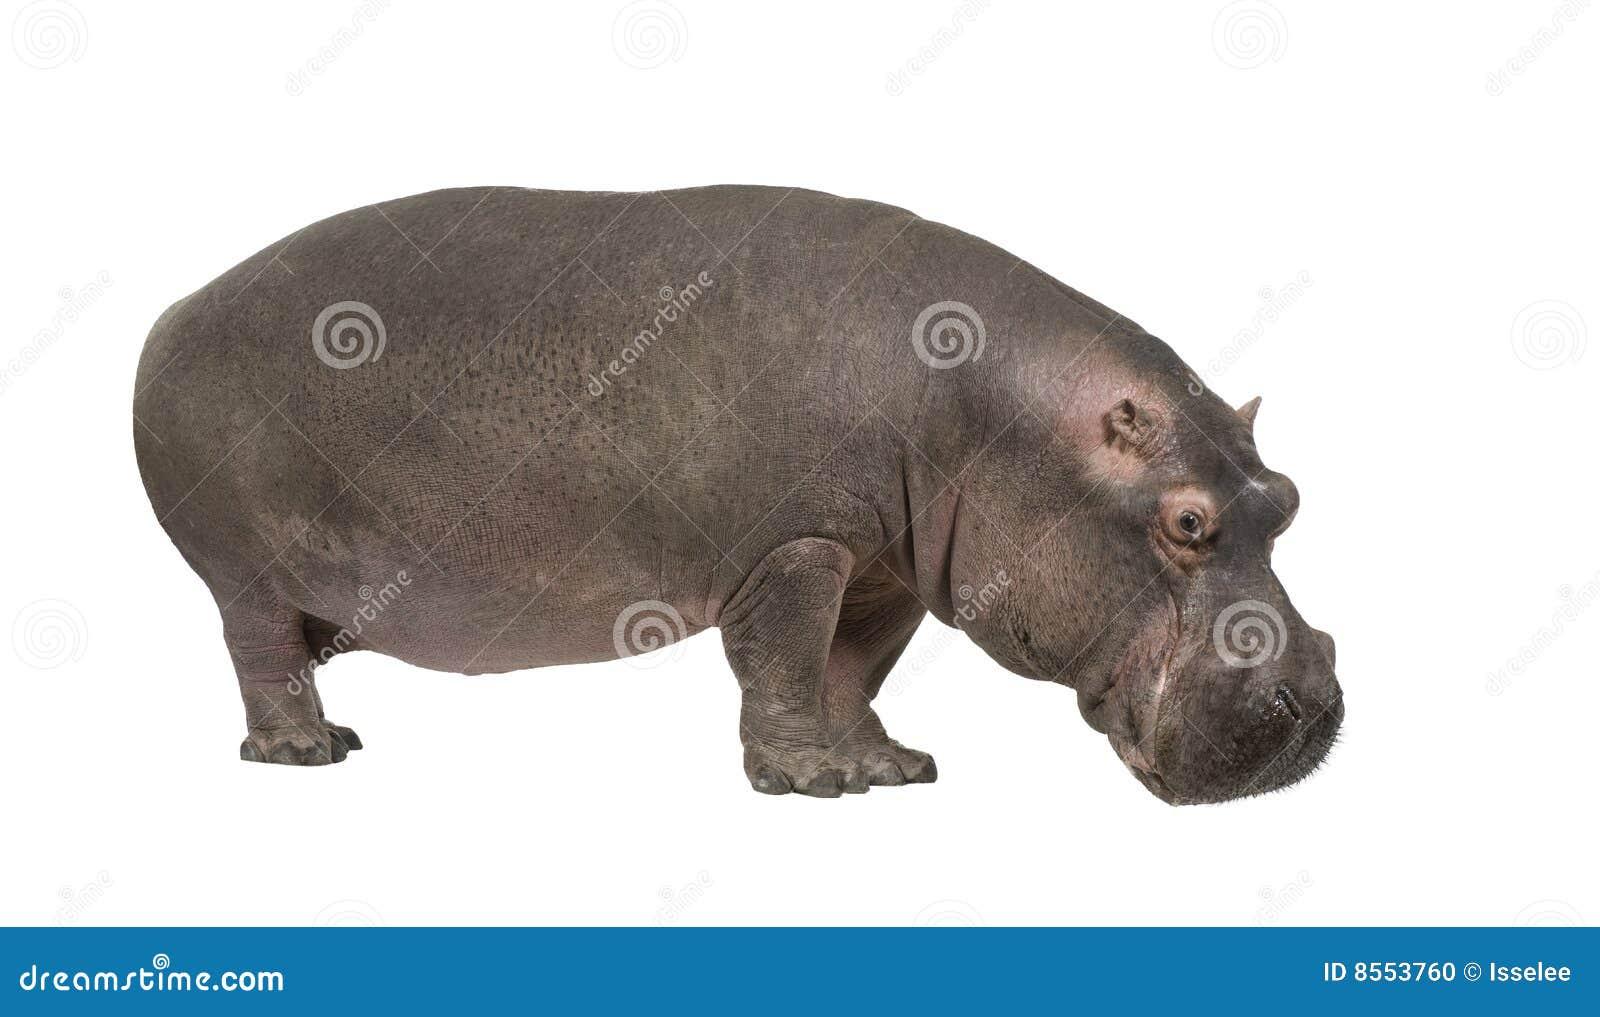 Nijlpaard - amphibius van het Nijlpaard (30 jaar)